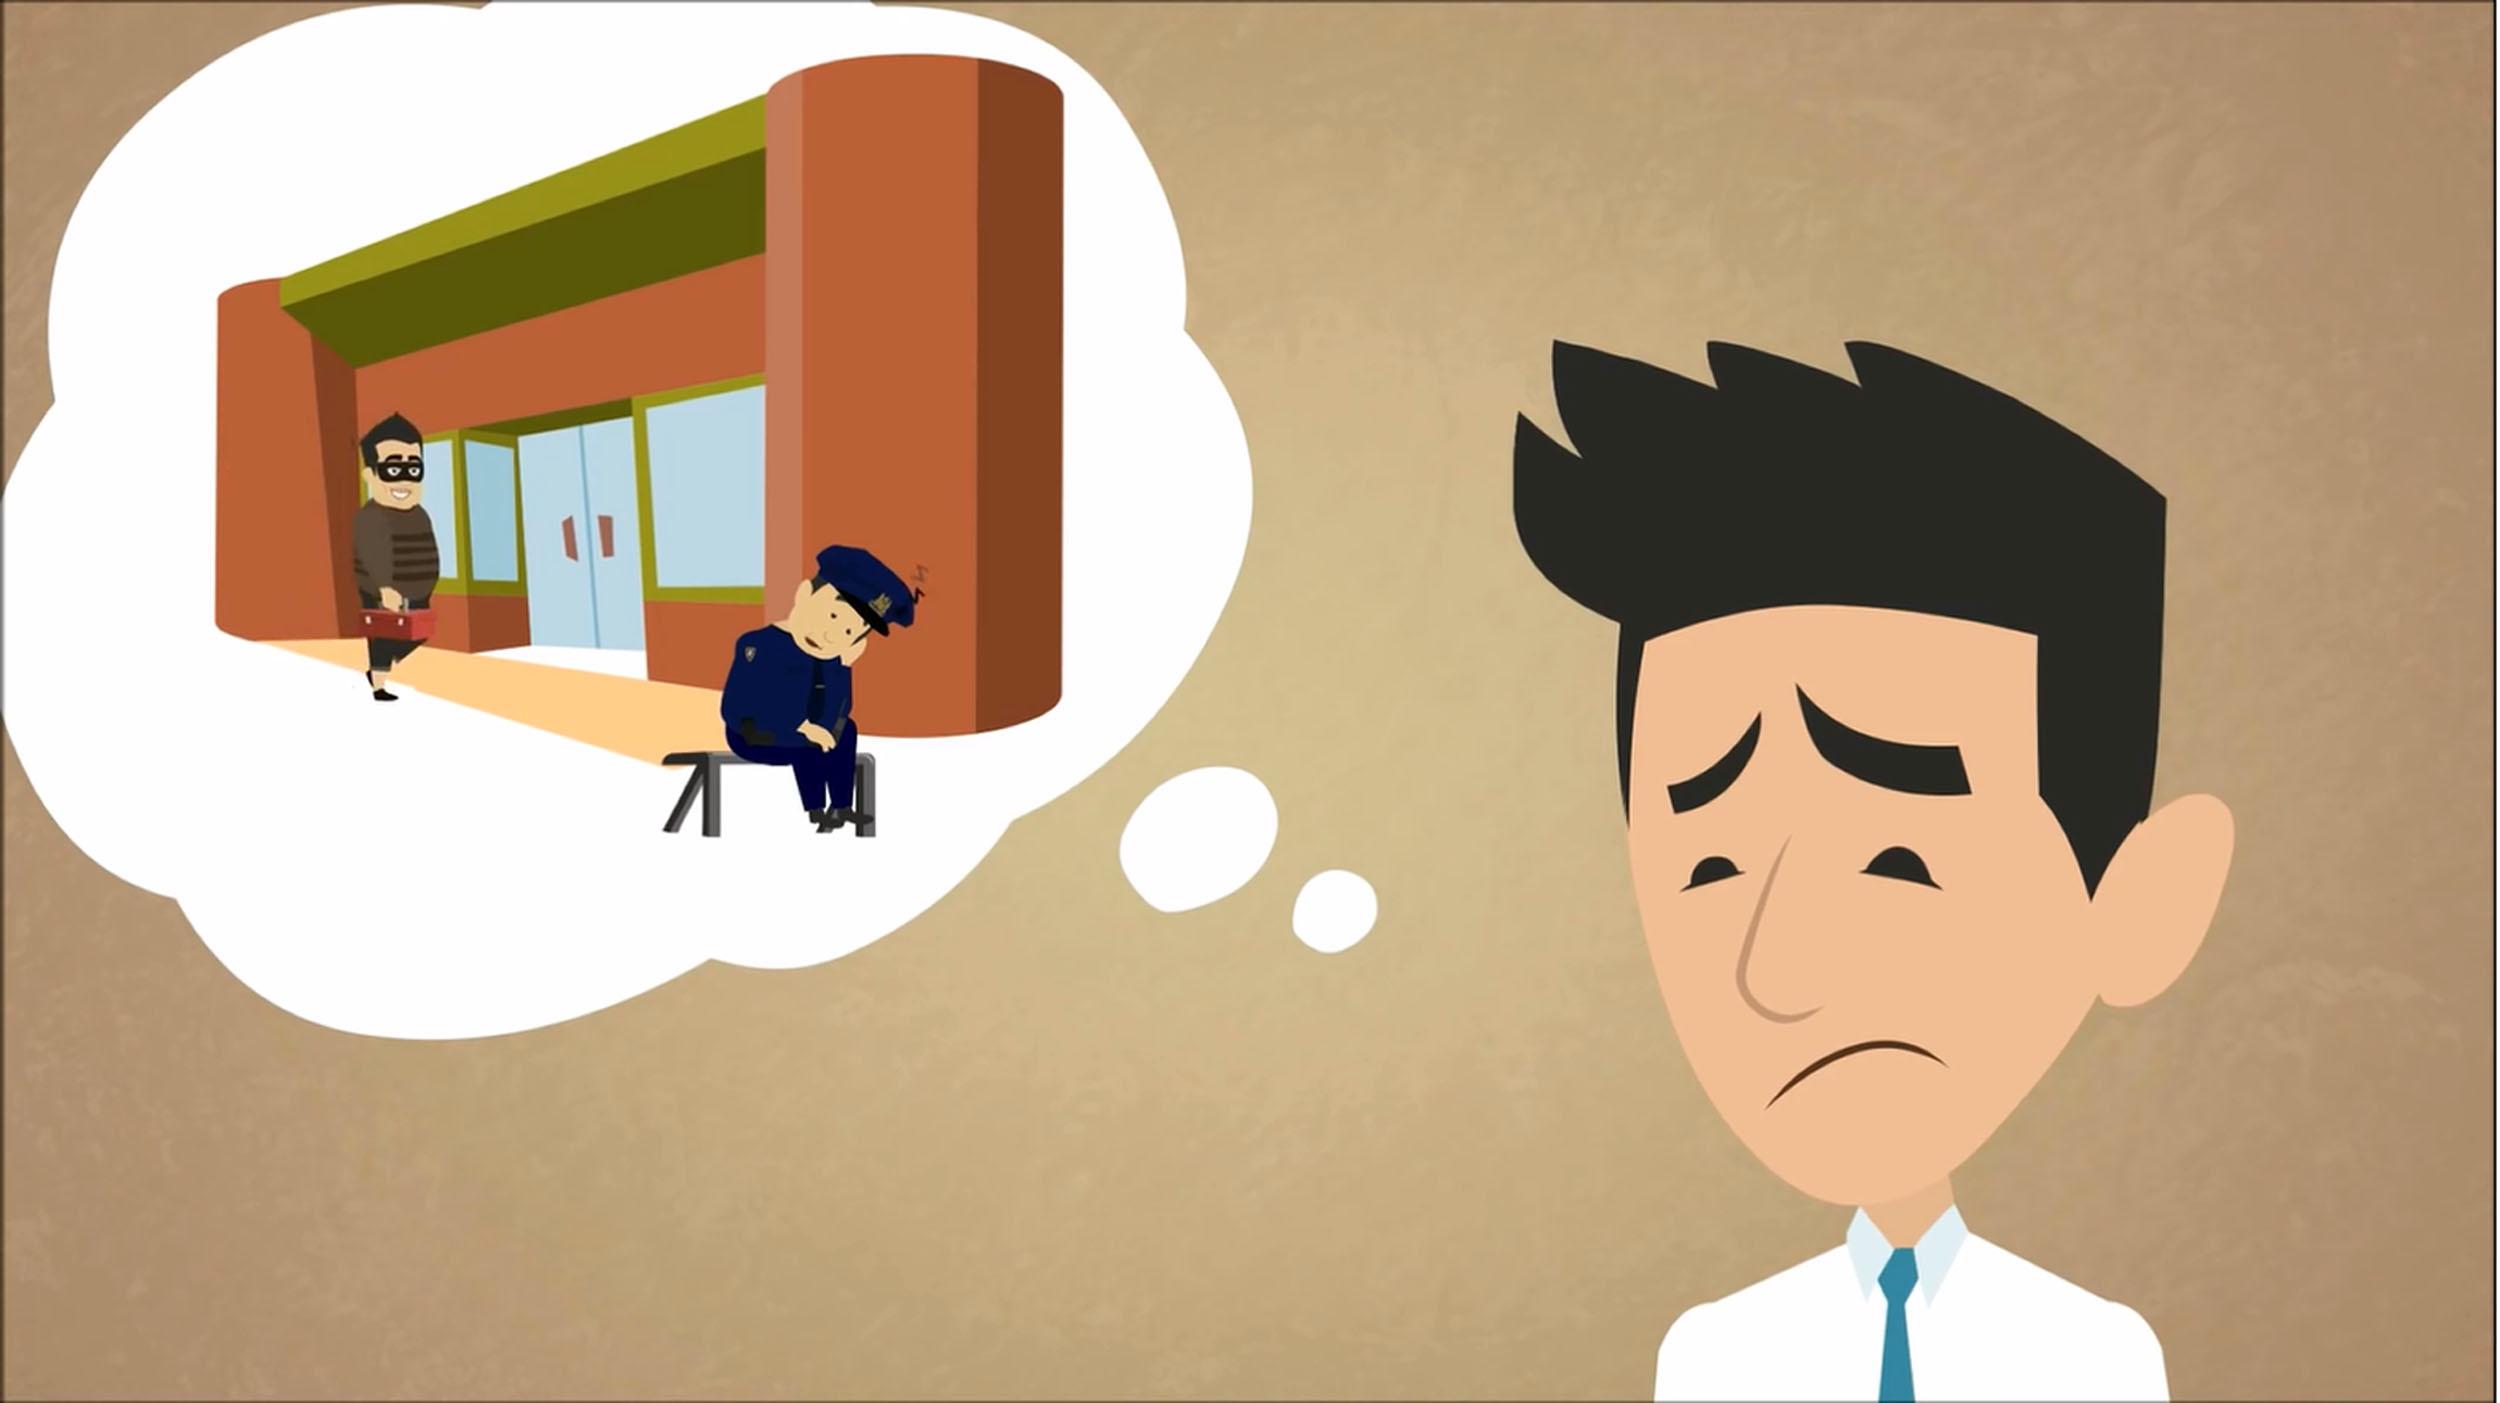 Thất thoát hàng hóa doanh nghiệp và nguyên nhân thất thoát hàng hóa?